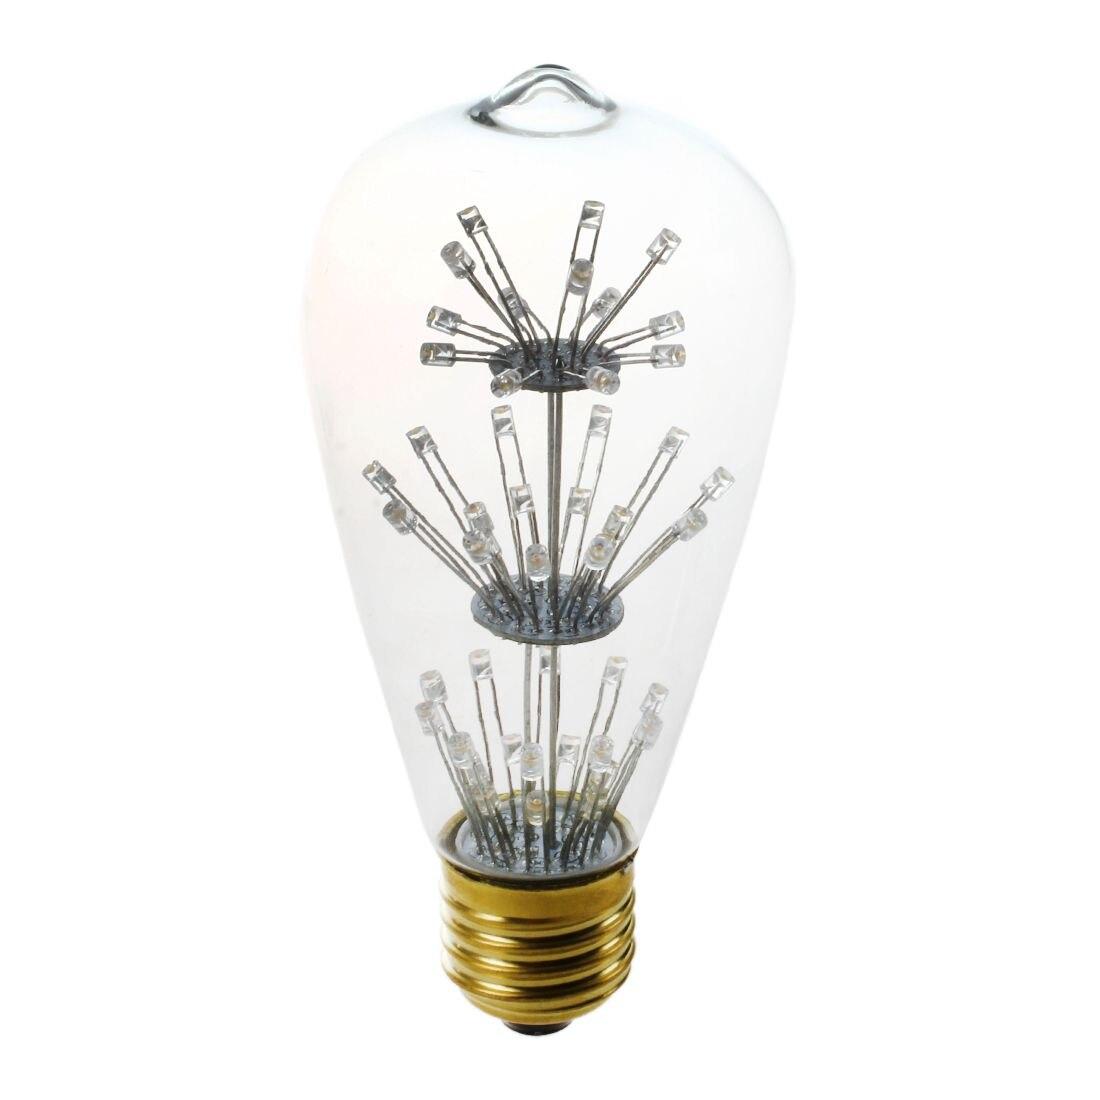 3w 220v Led Light Edison Bulb Filament Light Bulbs Retro